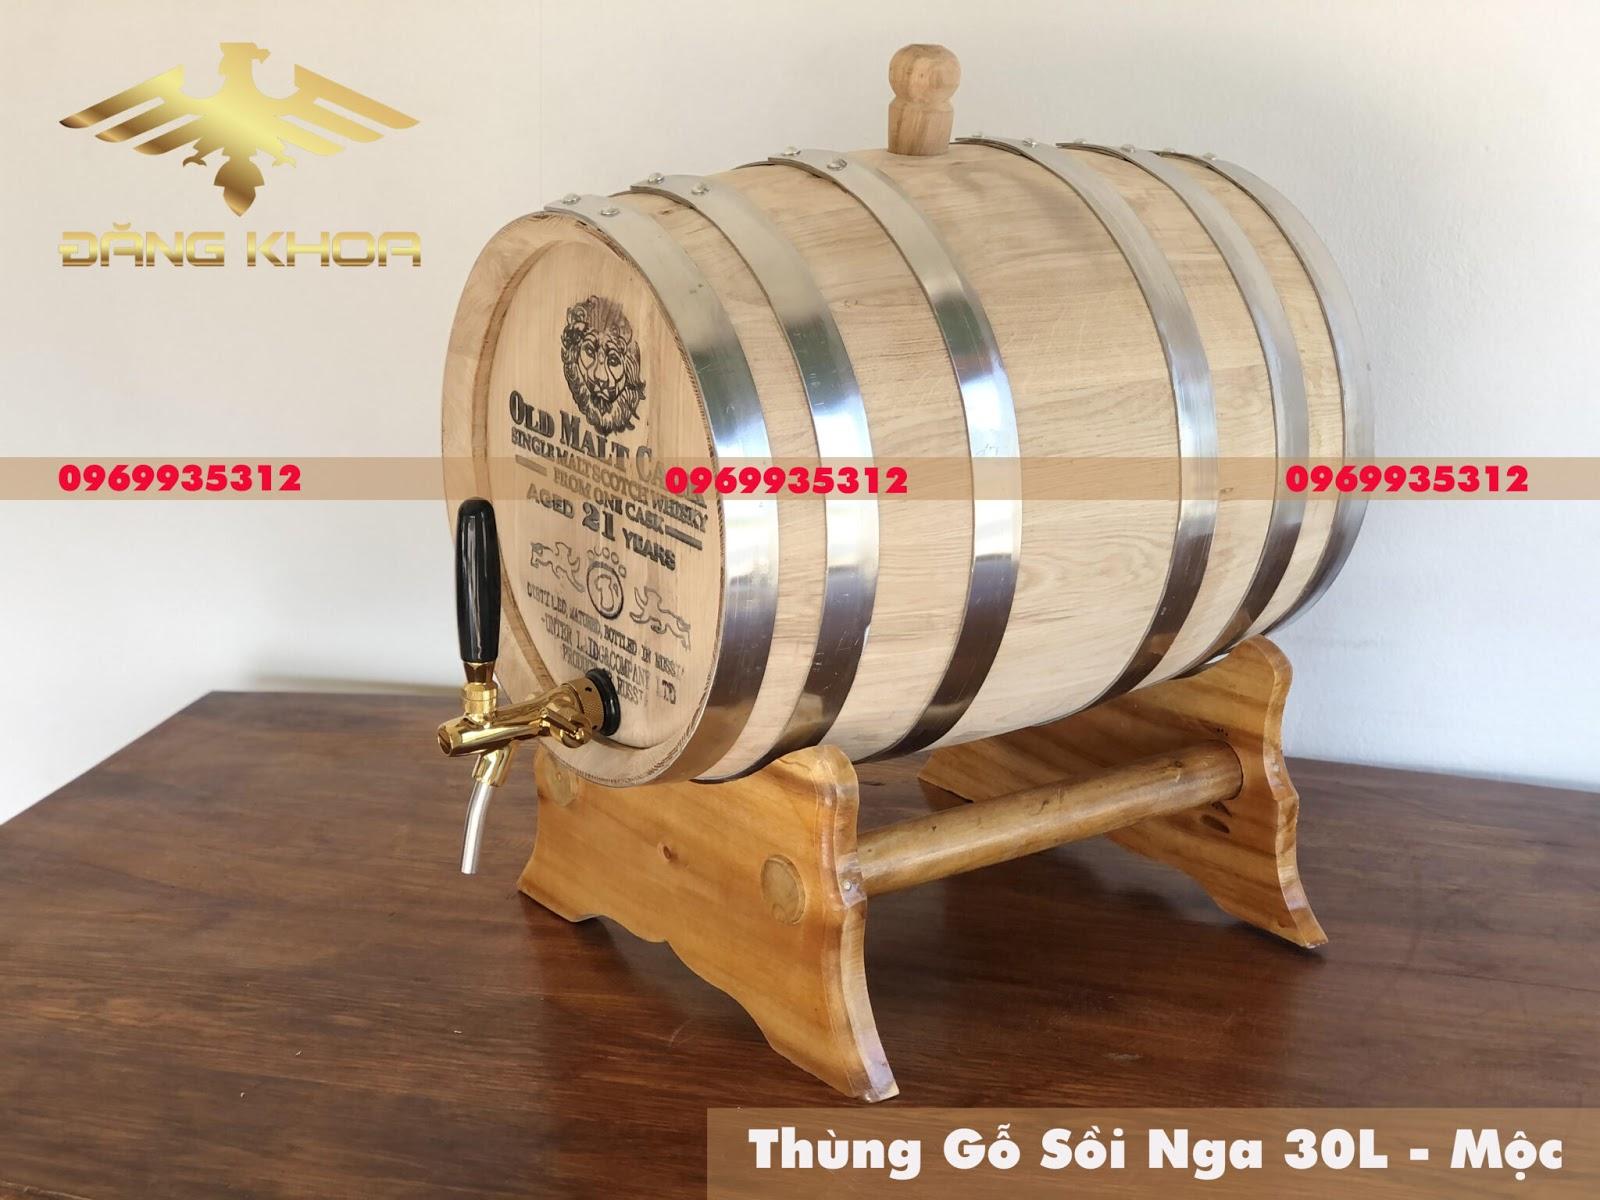 Bán thùng gỗ sồi Nghệ An mới nhất 2021